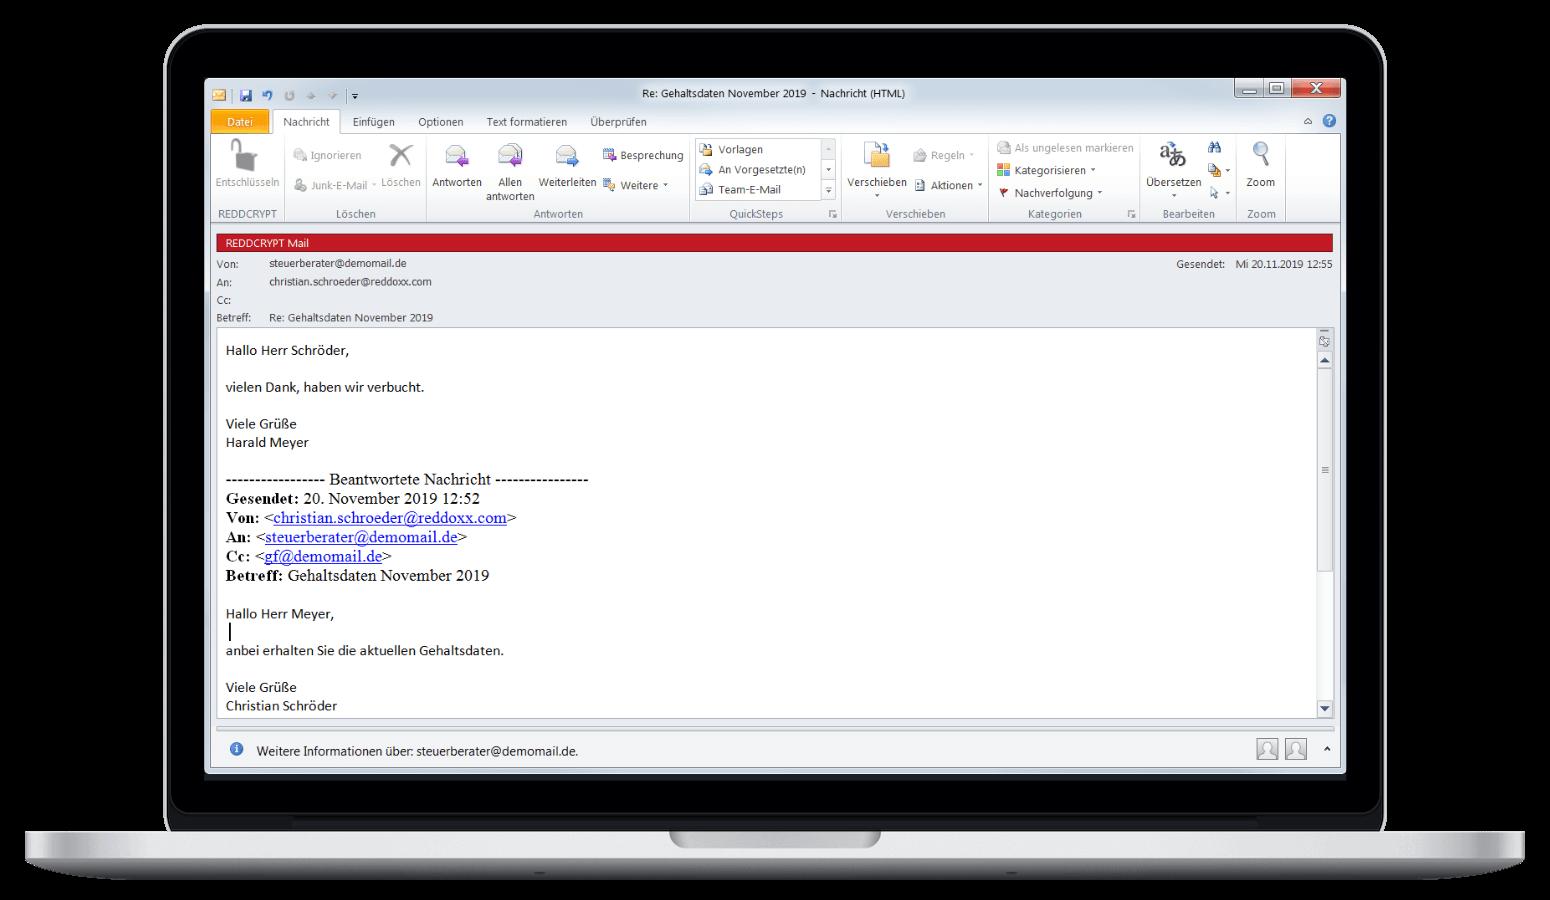 Nach der Entschlüsselung befindet sich die E-Mail im Klartext im Outlook